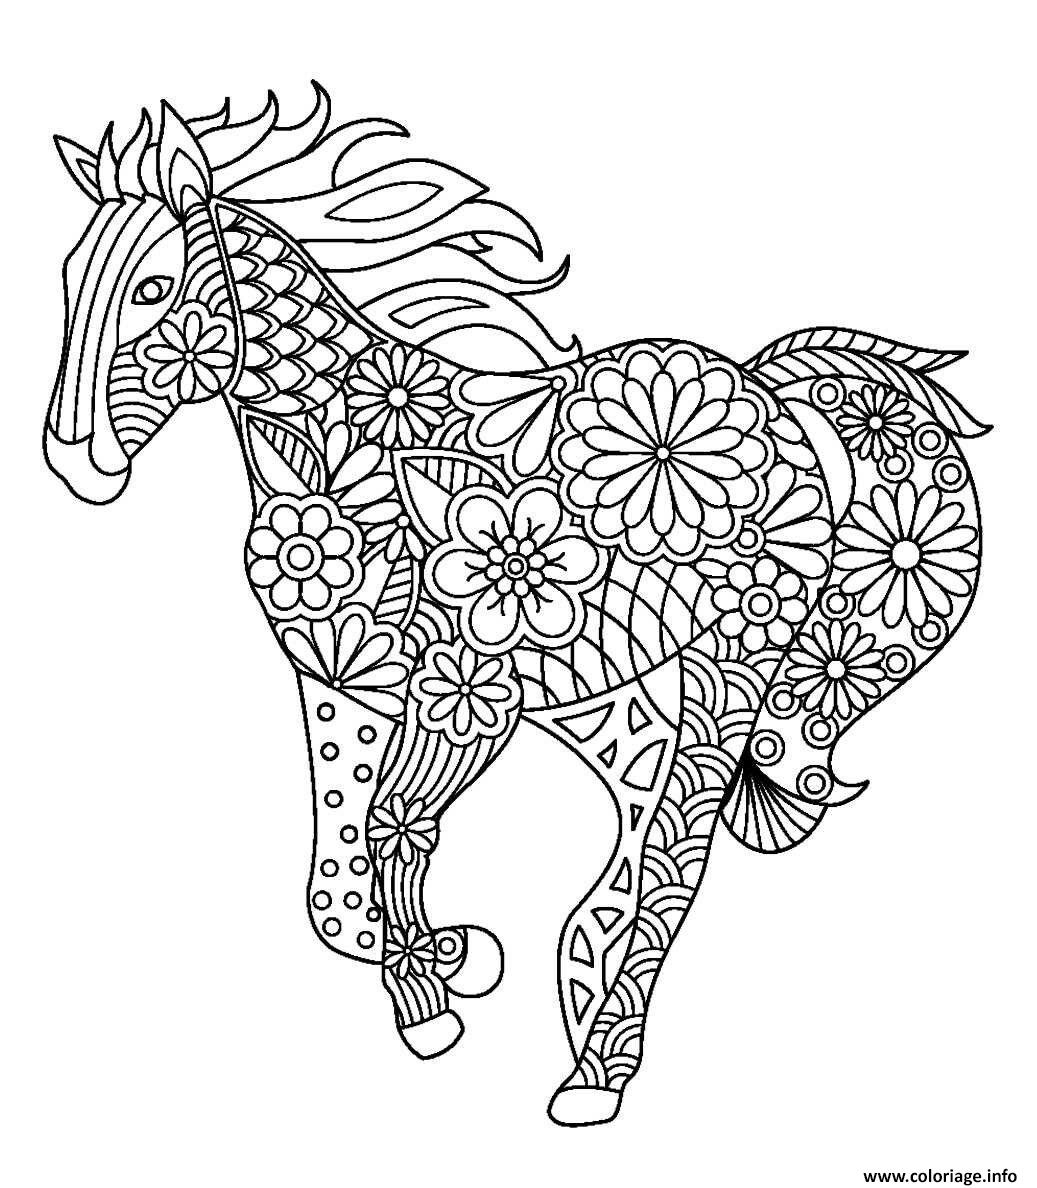 Coloriage Et Mandalas - Secourisme Equinsecourisme Equin encequiconcerne Coloriage Mandala A Imprimer